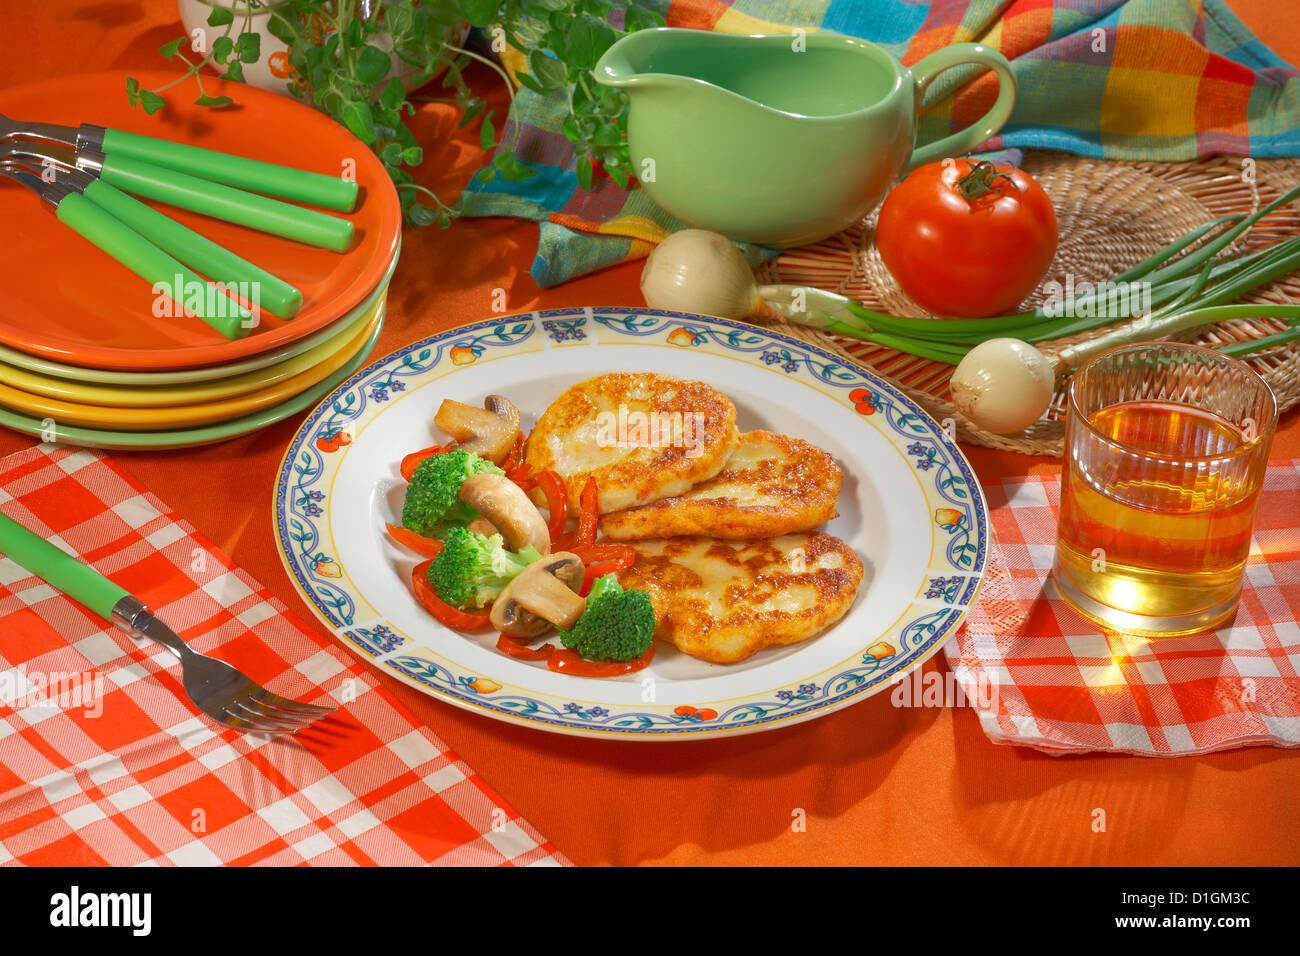 Potato Pancakes - Stock Image